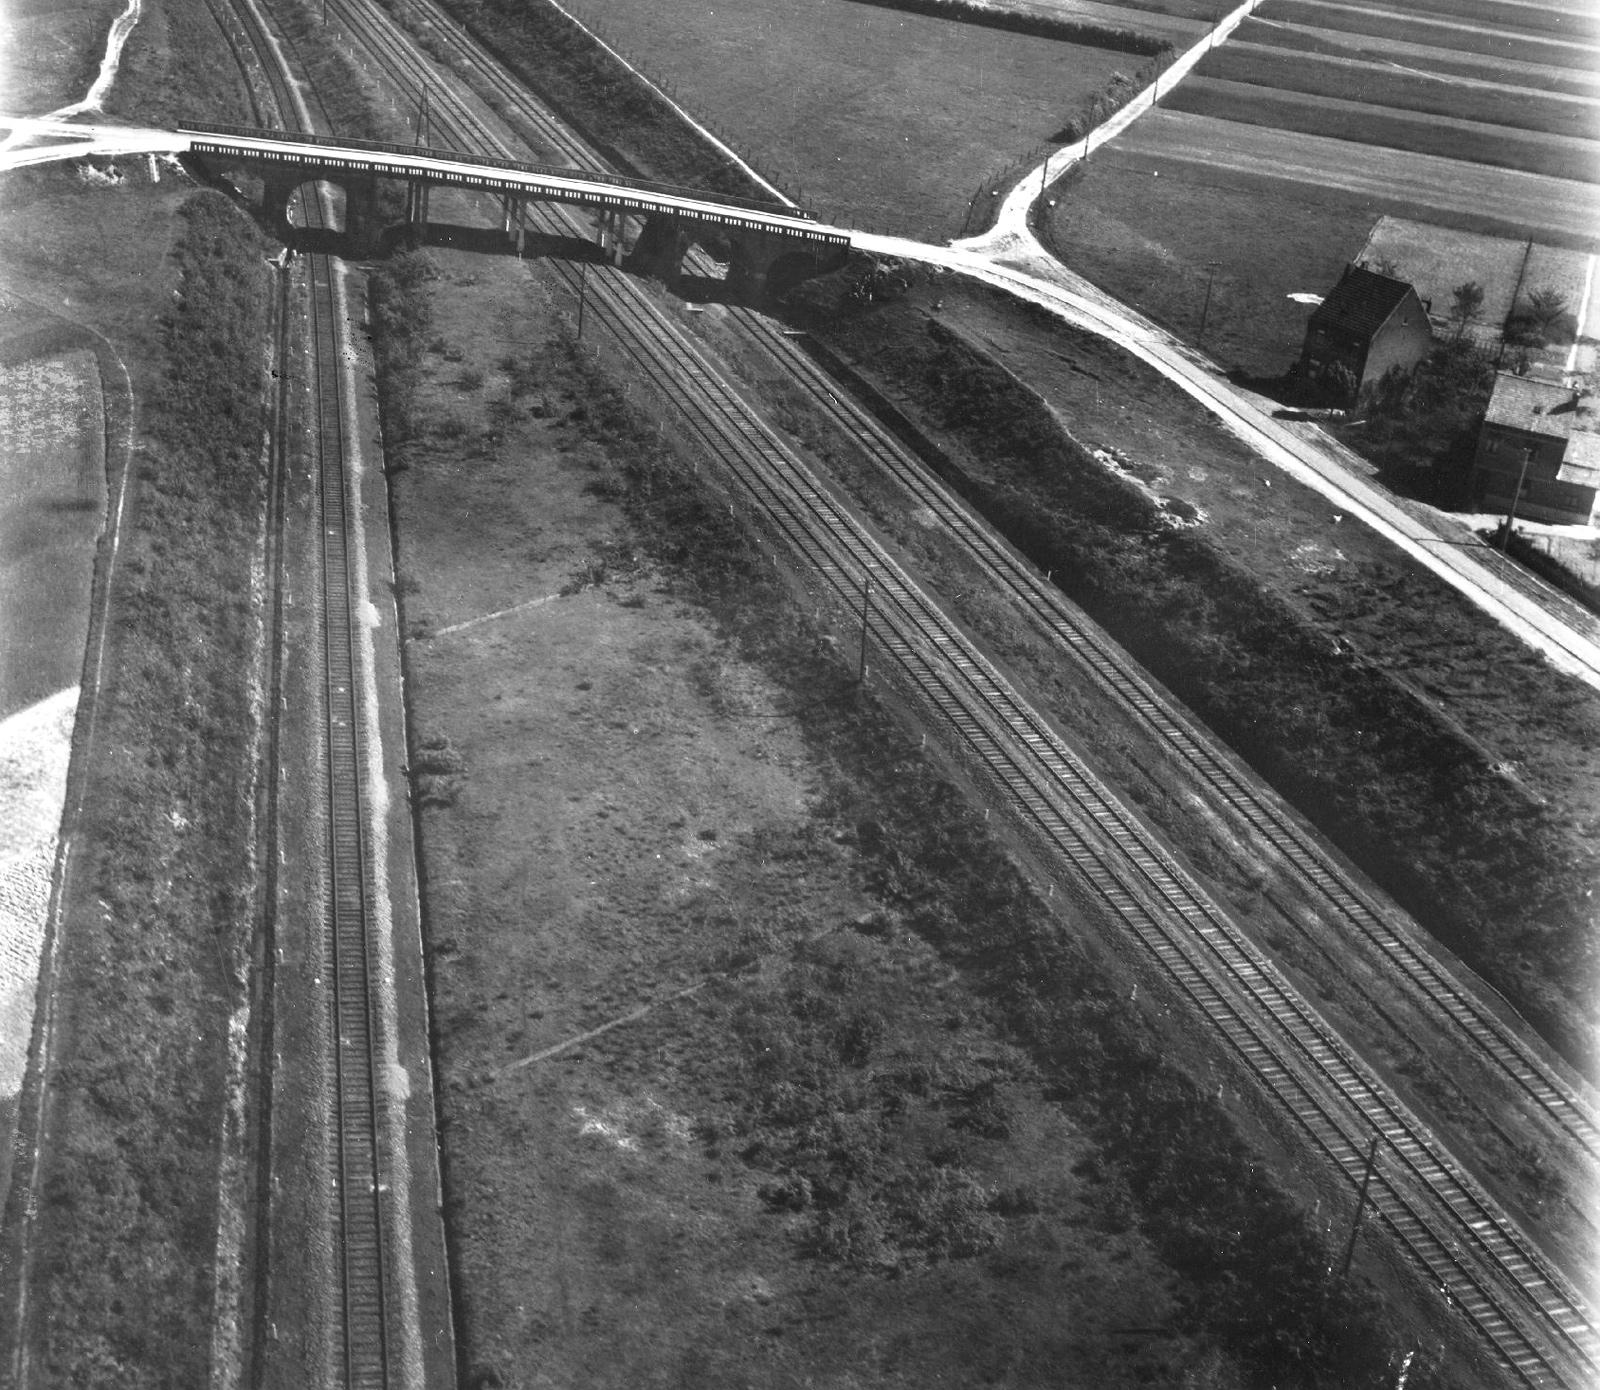 """Luftbild der Eisenbahn """"Nieuwbaan"""" zwischen Aalst und Brüssel bei Denderleeuw (Belgien)"""